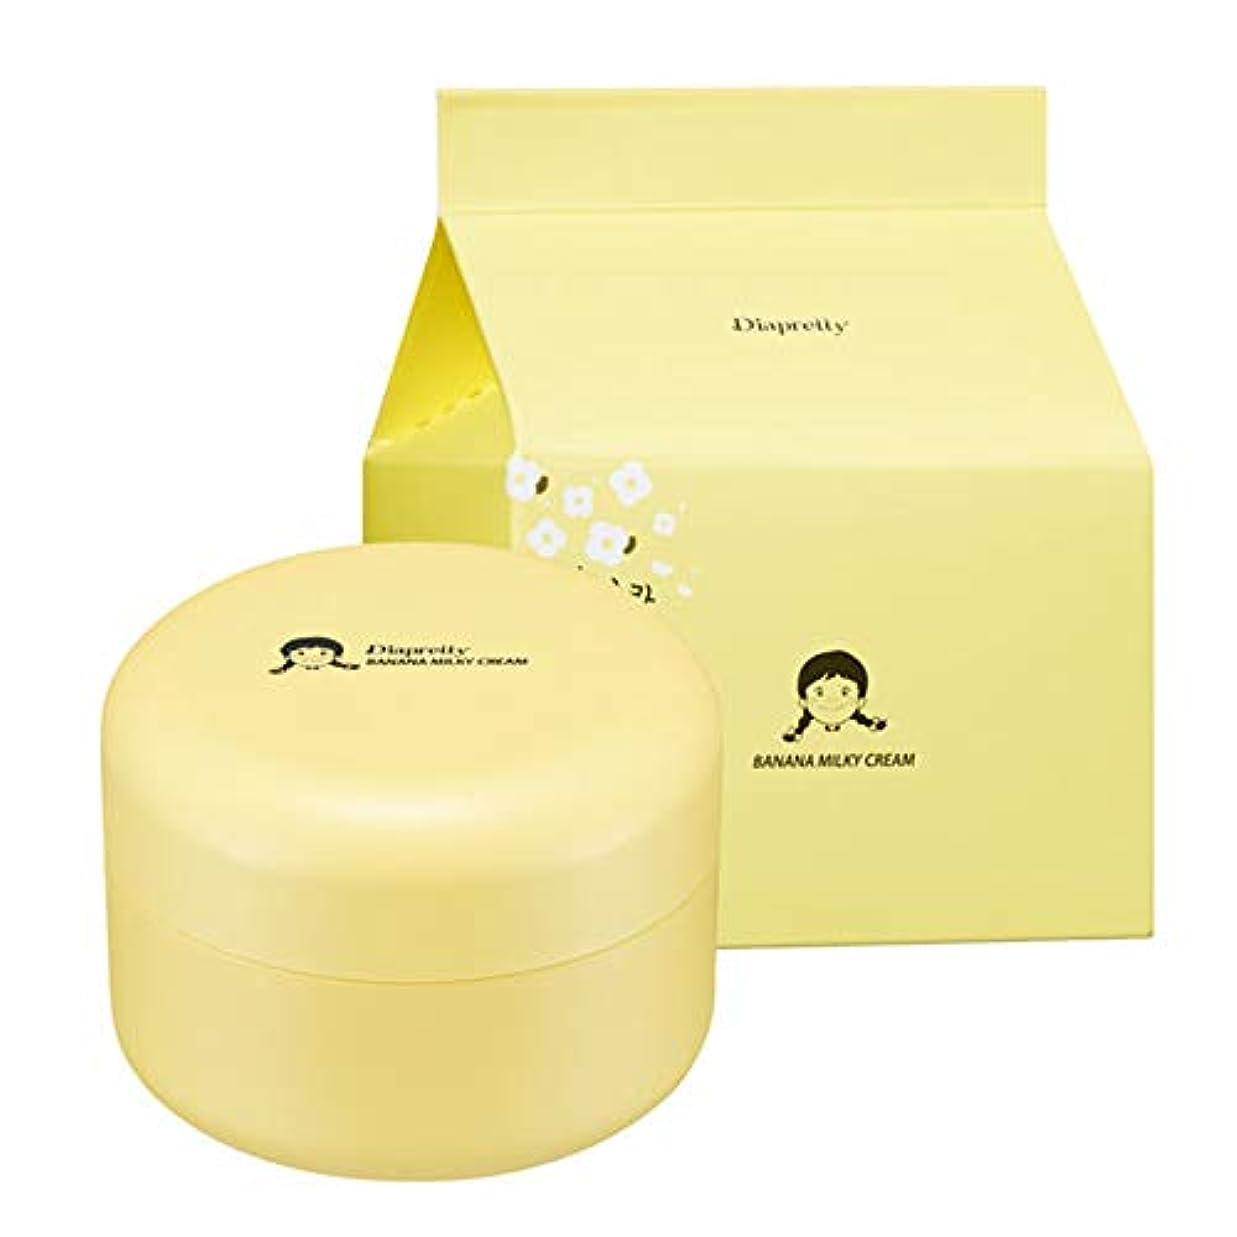 発疹リアルシチリア[ダイアプリティ] バナナ ミルキークリーム 50ml, [Diapretty]Banana Milky Cream 50ml